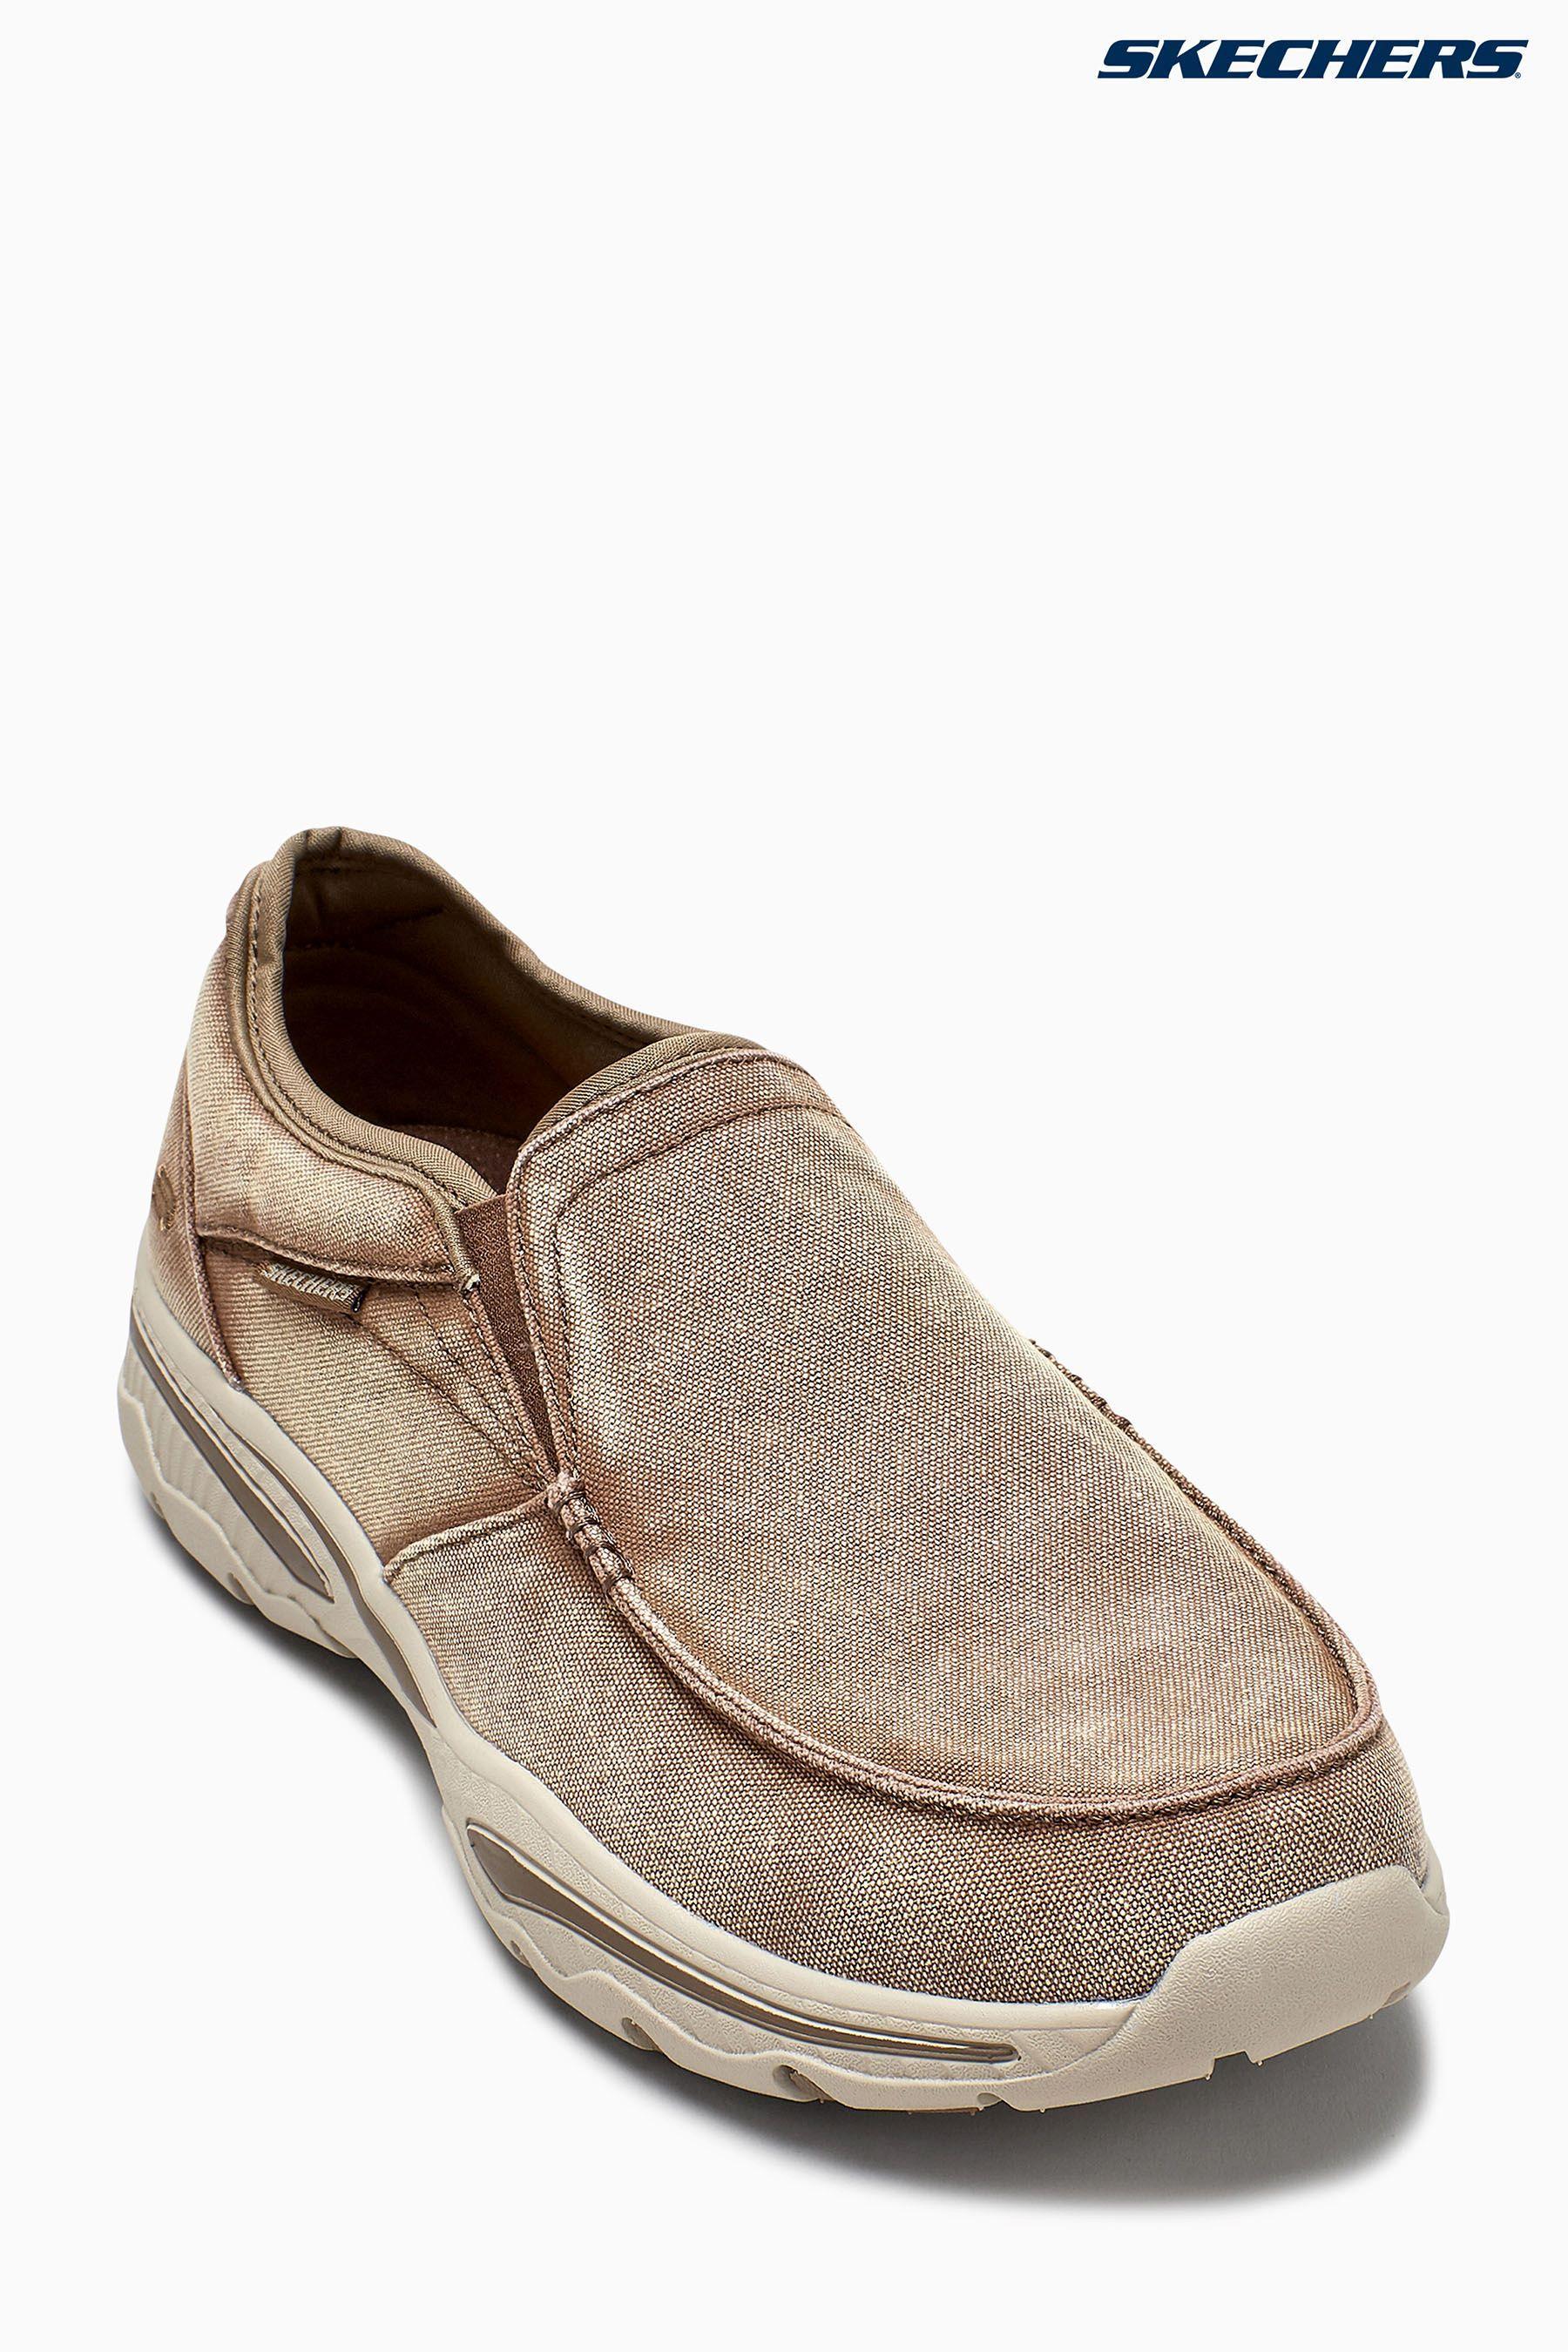 Mens Skechers Brown Toe Slip-On With